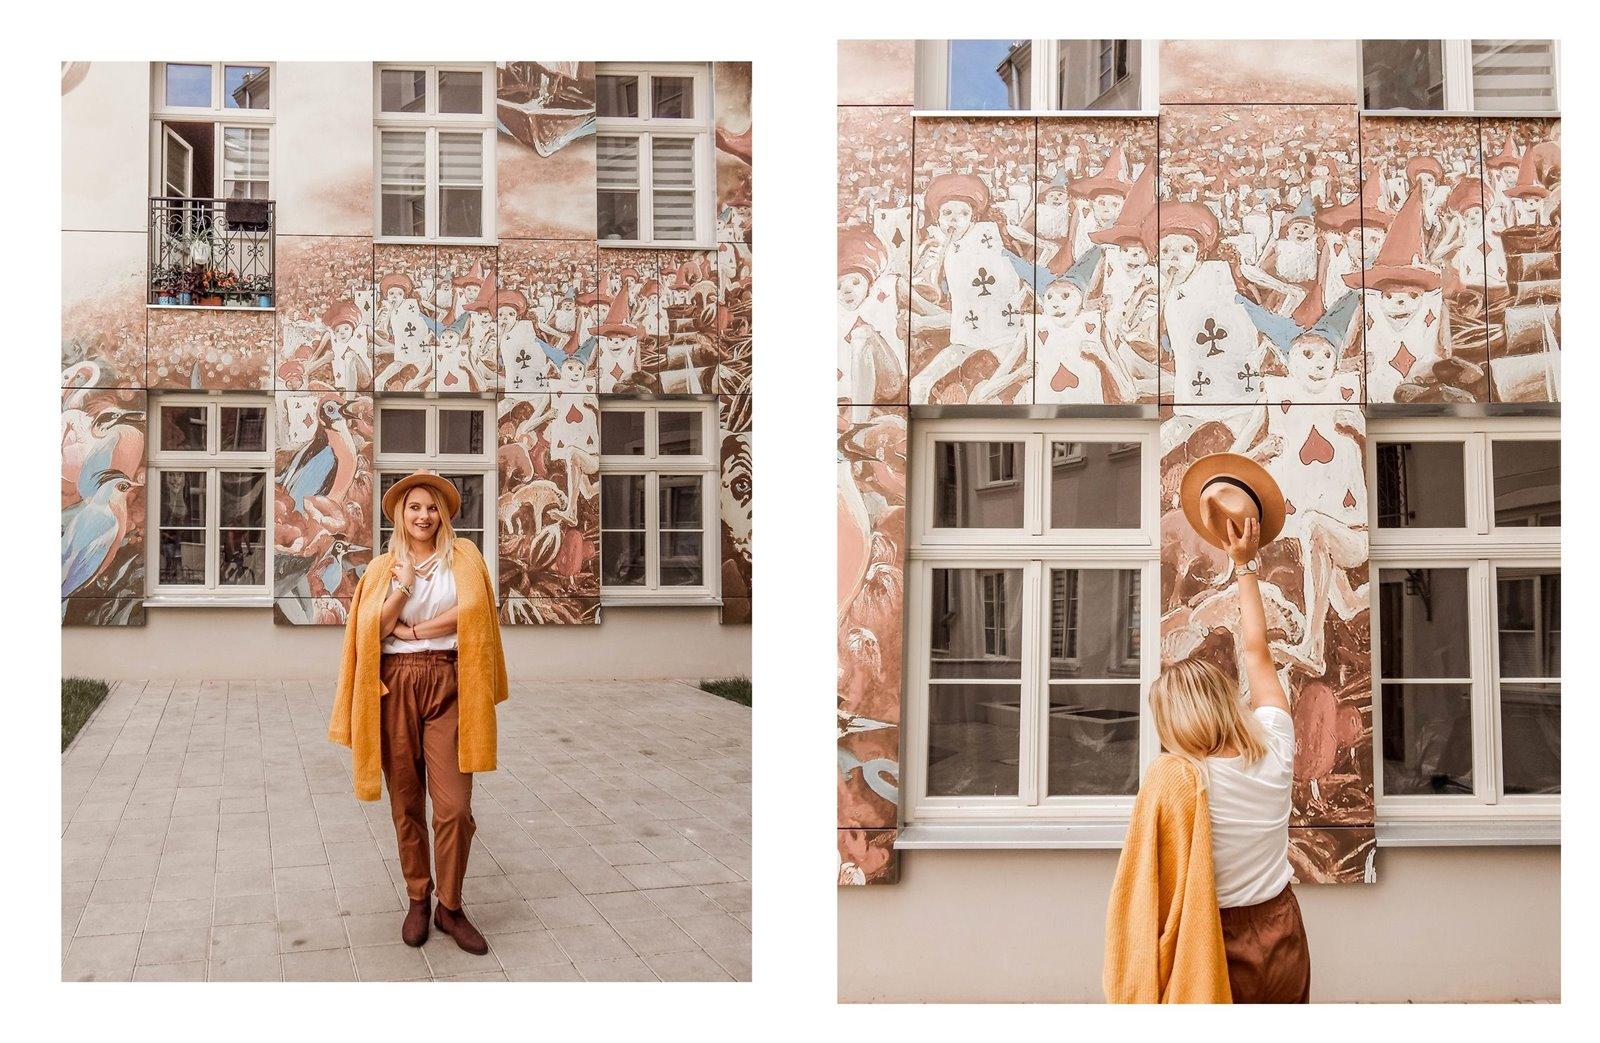 3 łódź podwórko artystyczne przy ul. Więckowskiego 4 murale łódzkie graffiti artystyczne podwórka miejsca które warto zobaczyć instafriendly miejsca w łodzi na sesje zdjęciowe dla blogerów ładne piękne kolorowe